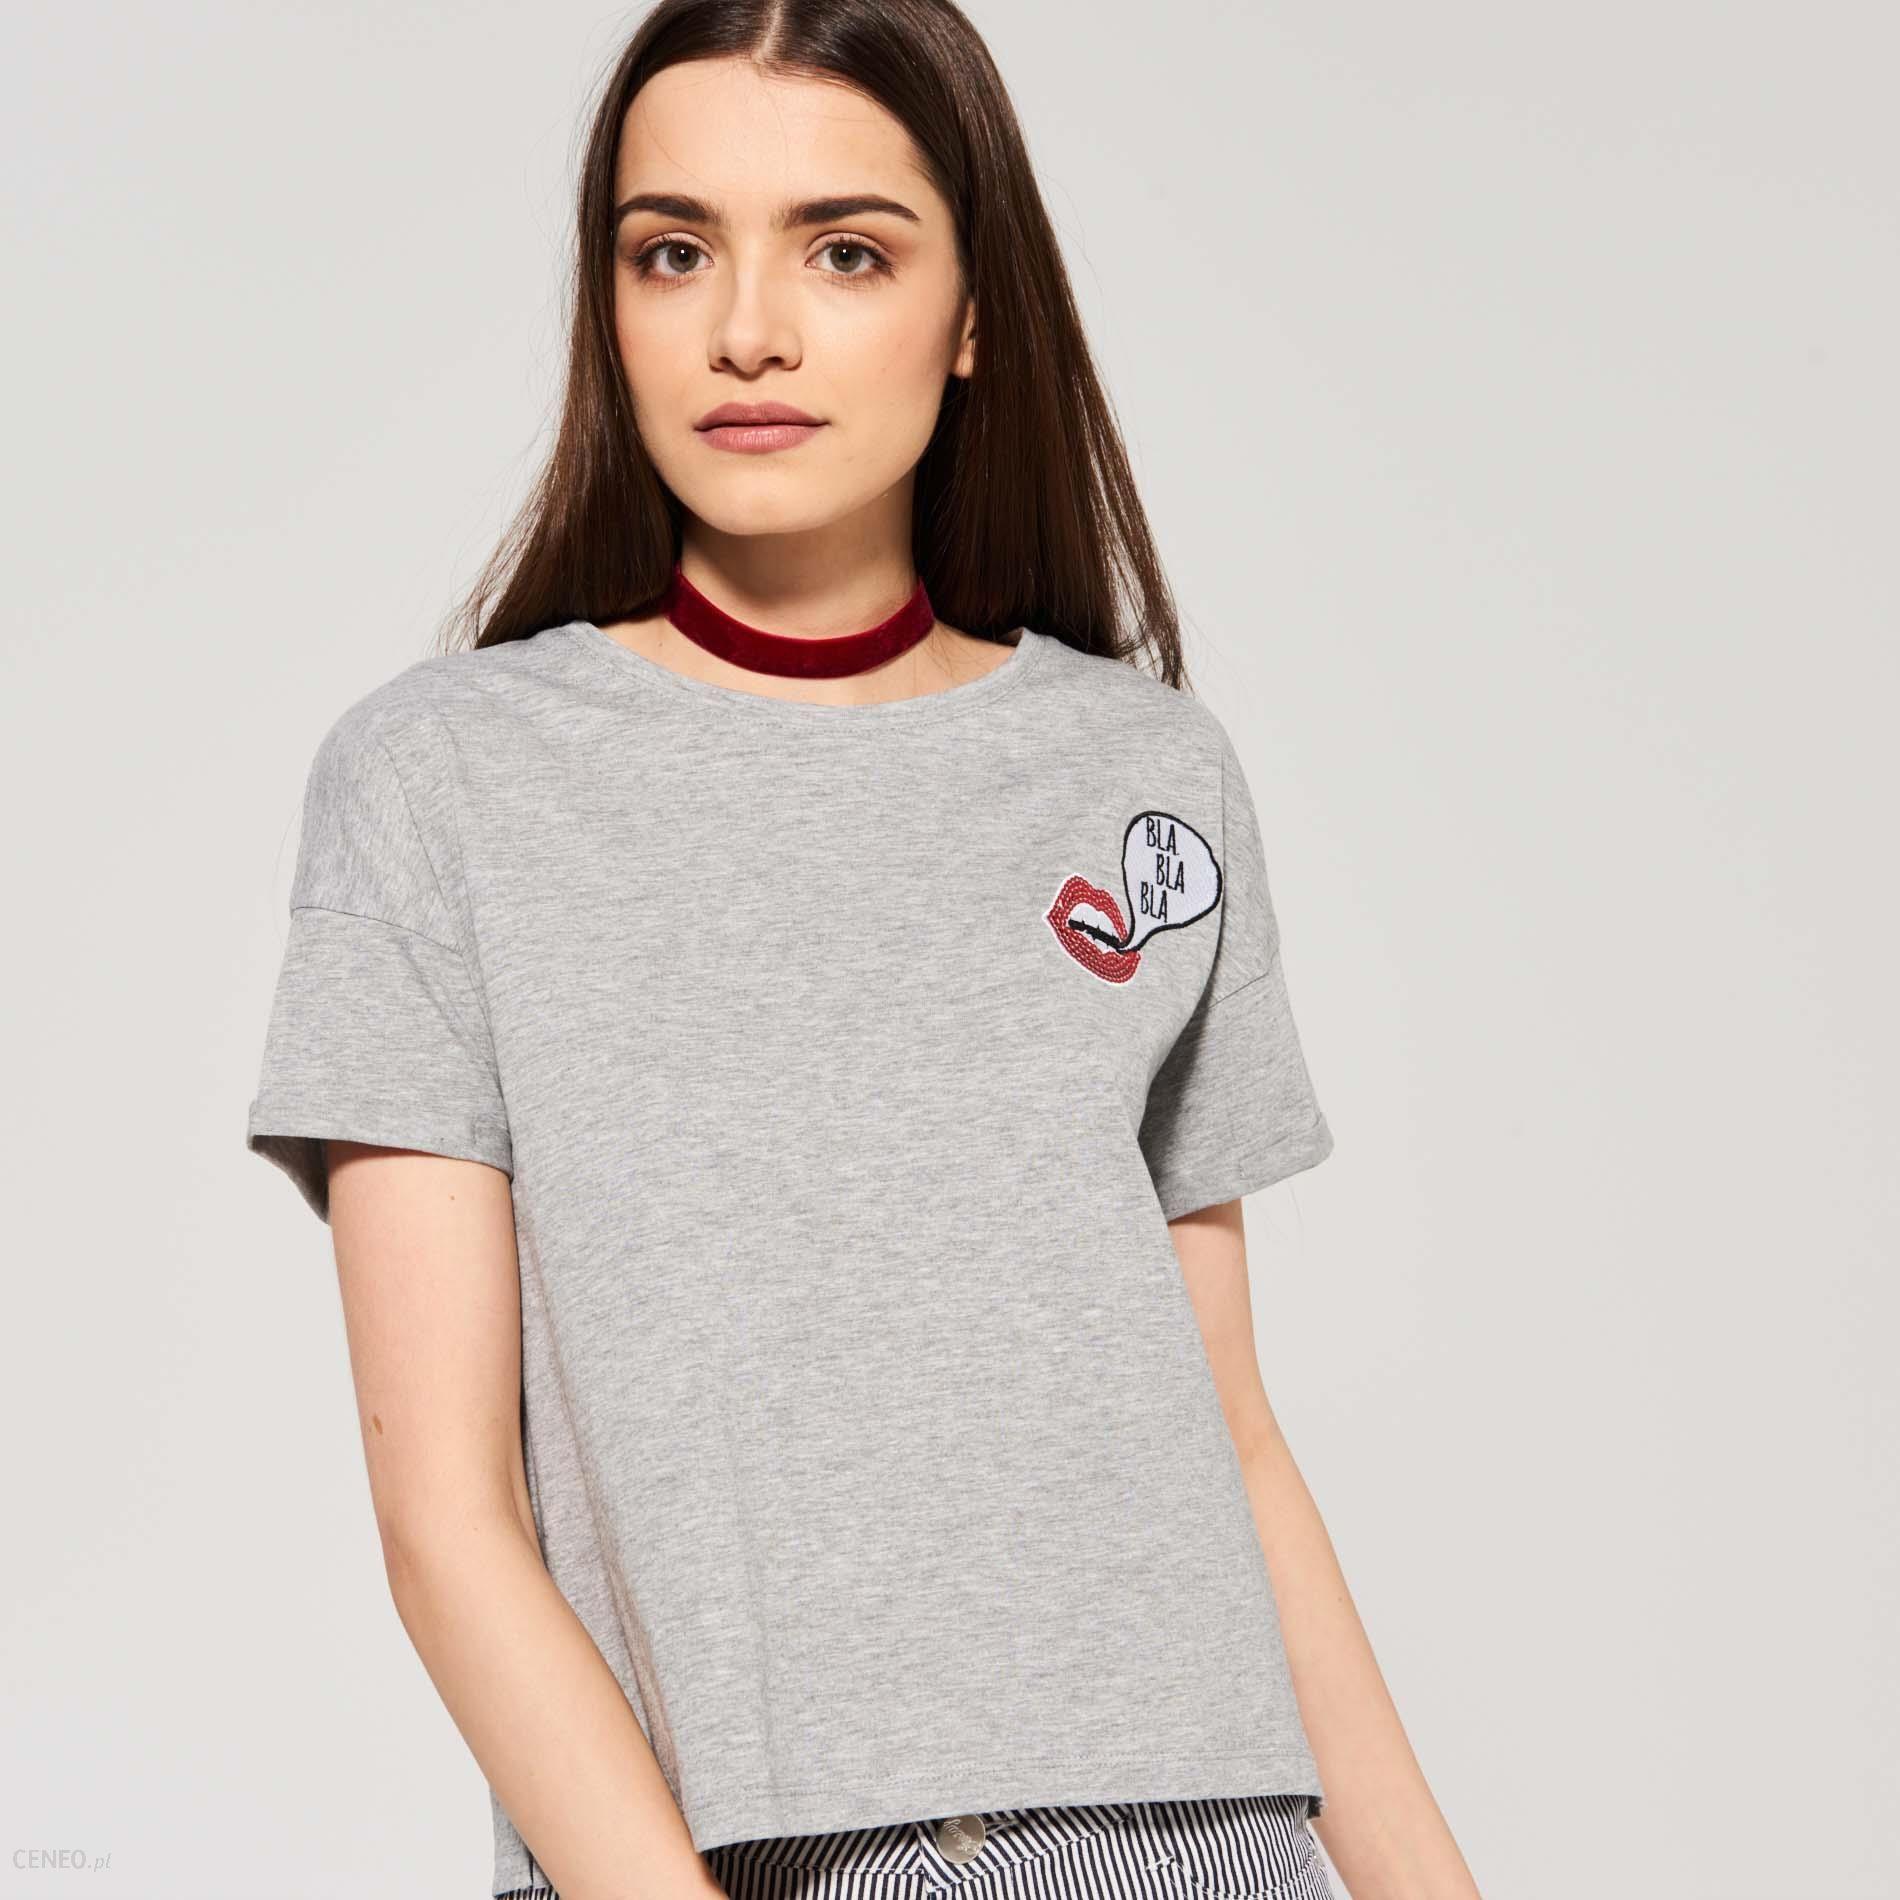 151cb7778506cd Sinsay - Luźny t-shirt z naszywkami - Szary - damski - Ceny i opinie ...